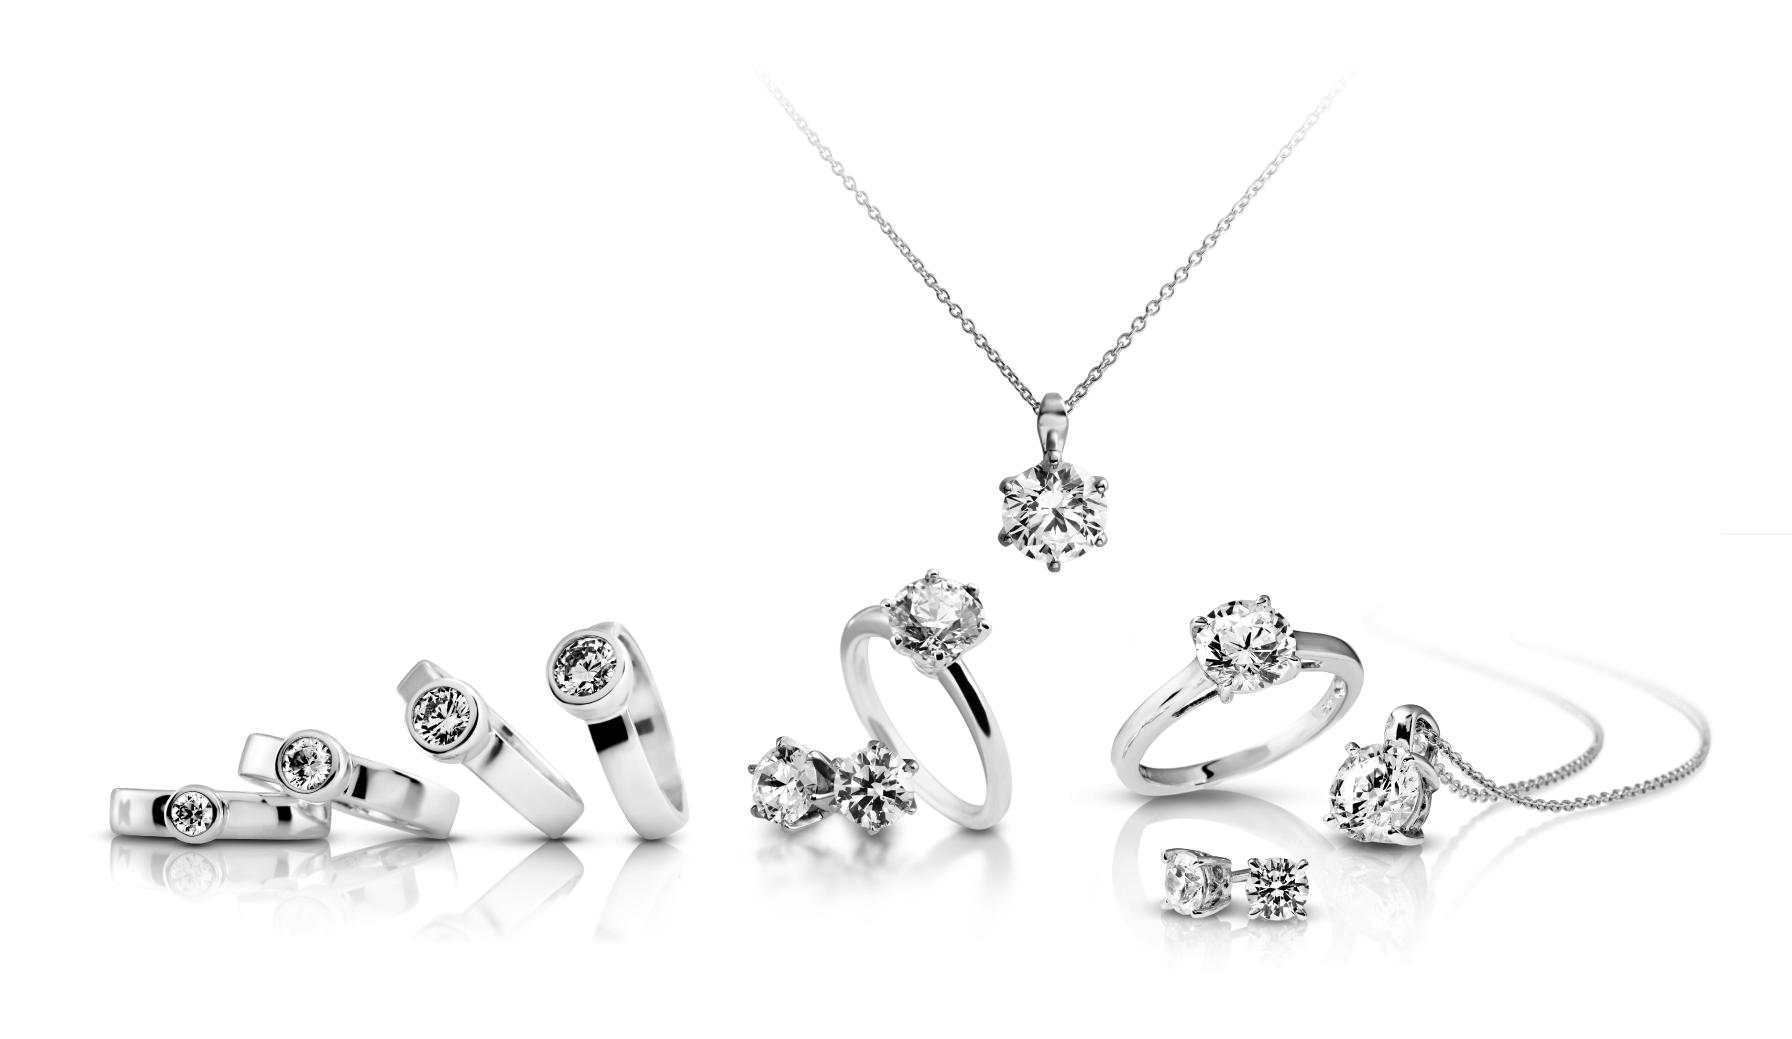 Diamonfire-collectie-oorbellen,-ringen,-hangers,-ketting-bij-Wolters-Juweliers-Coevorden-Emmen